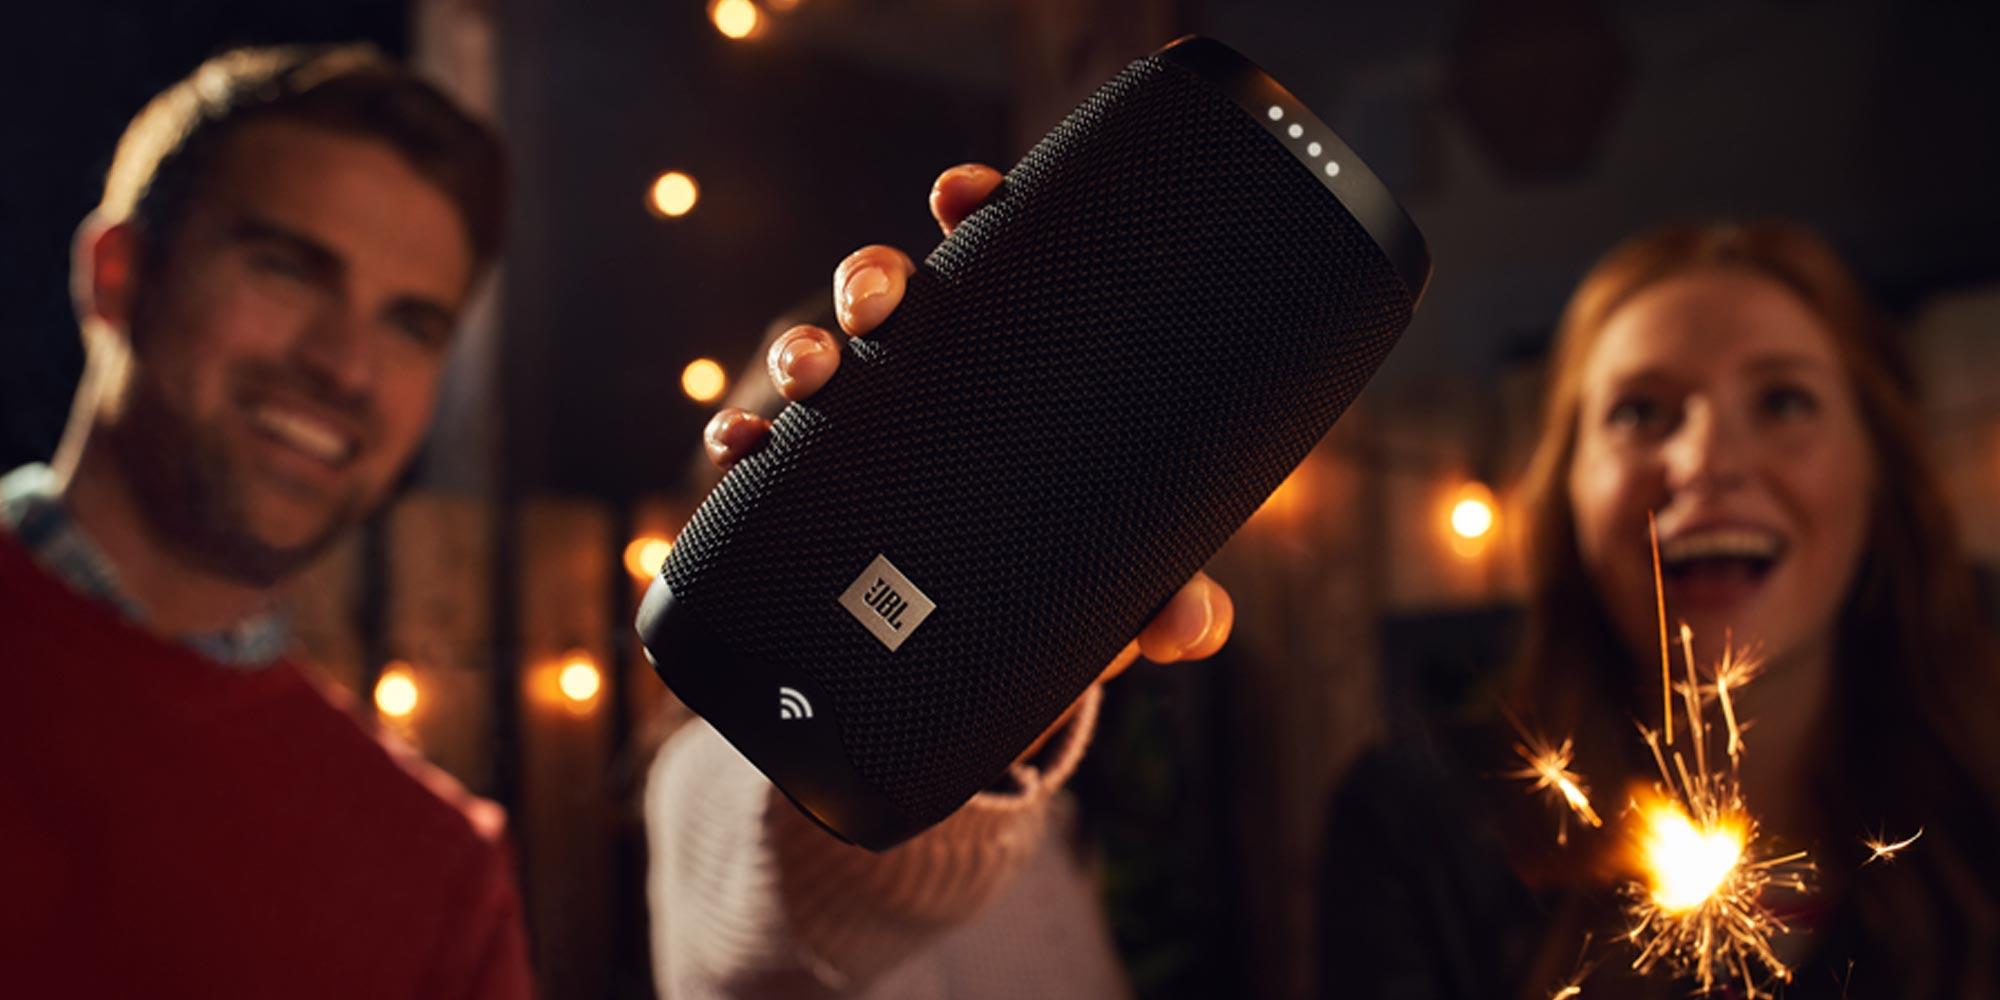 JBL's Link 10 Assistant-enabled portable speaker is waterproof for $50 (Refurb, Orig. $150)